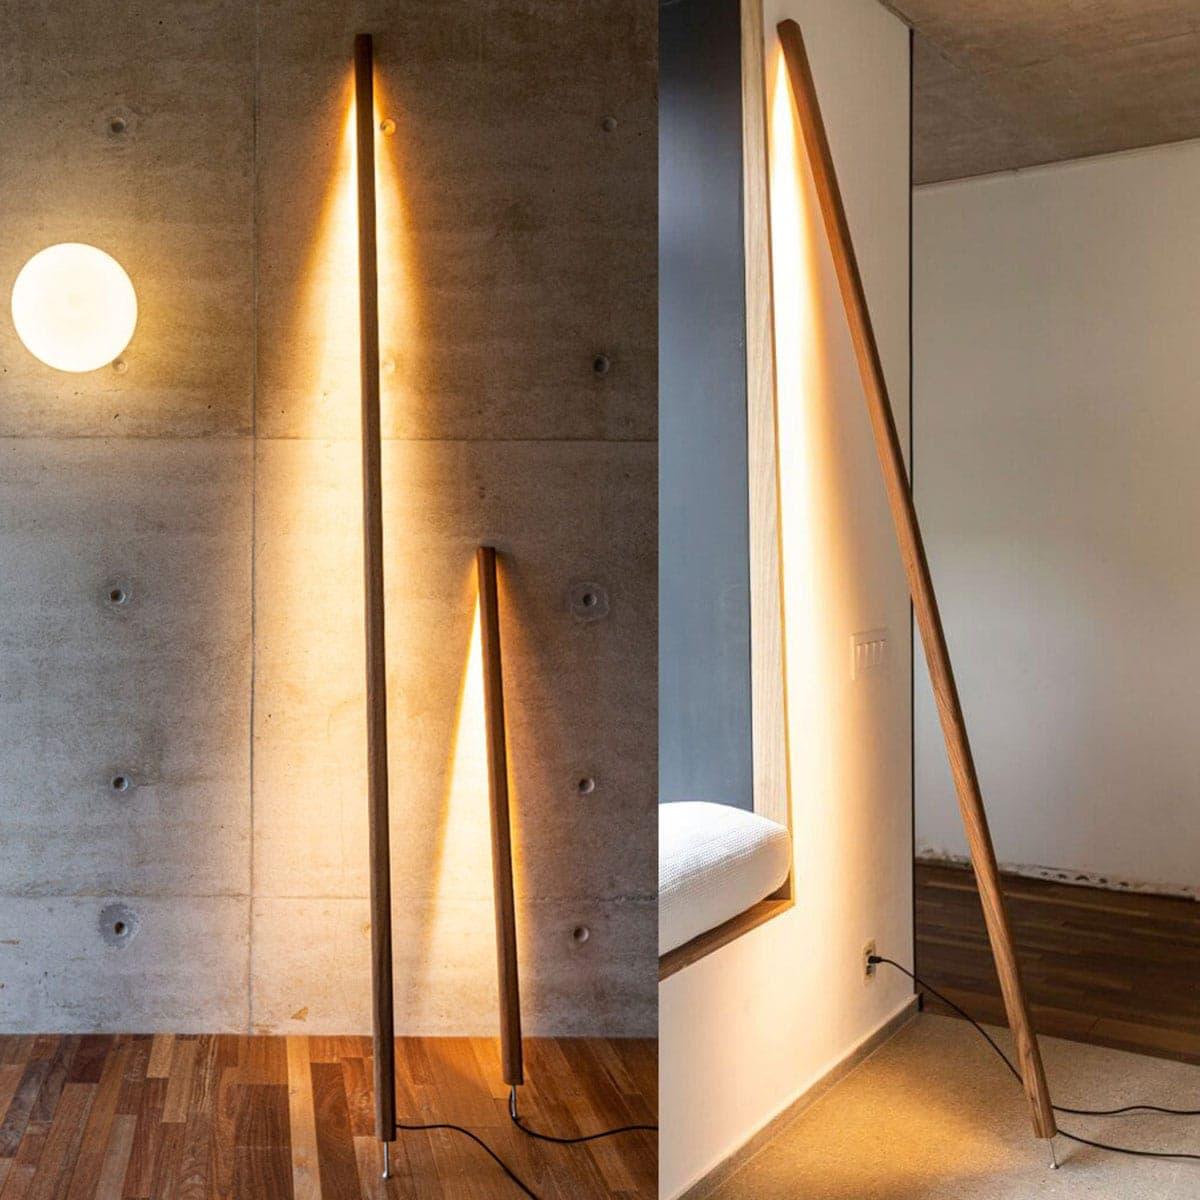 Luminária Nomade Coluna &Bull; Luminária Coluna - 2 &Bull; Deezign